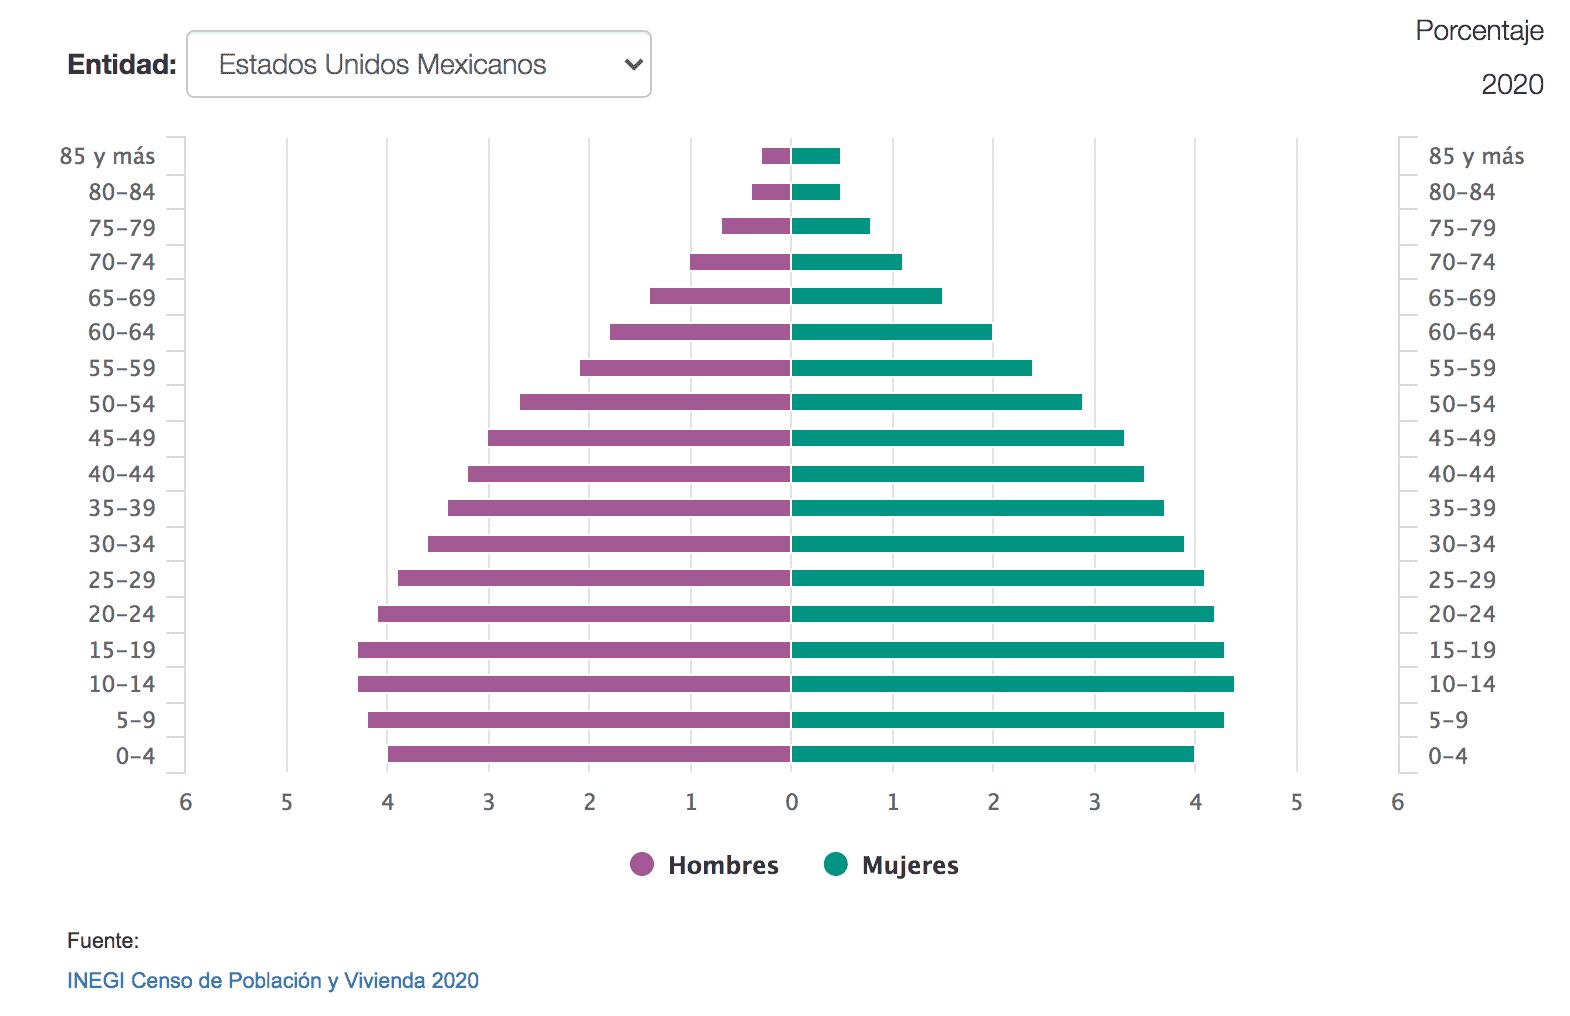 México tiene 126 millones 14 mil 024 de habitantes: Inegi